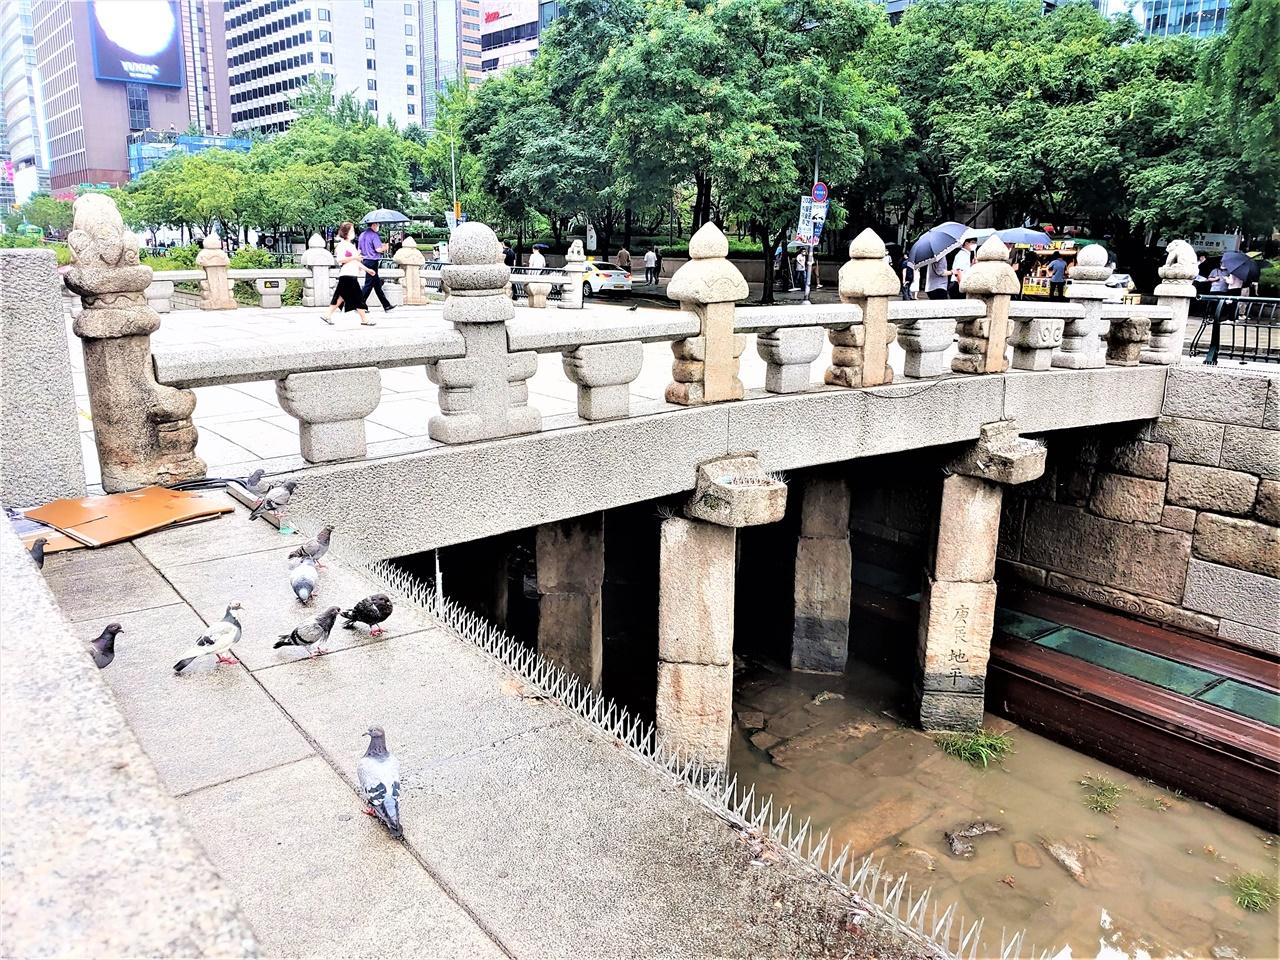 광교 전경 길이(12m) 보다 폭(15m)이 더 넓은 다리다. 청계천을 대표하는 다리로, 1410년 태종 이방원이 축조하였다. 1958년 청계고가도로를 만들면서 매몰되었다가, 2005년 다시 빛을 보았다. 원래 위치에서 상류로 155m 옮겨 보행자전용으로만 사용 중이다.